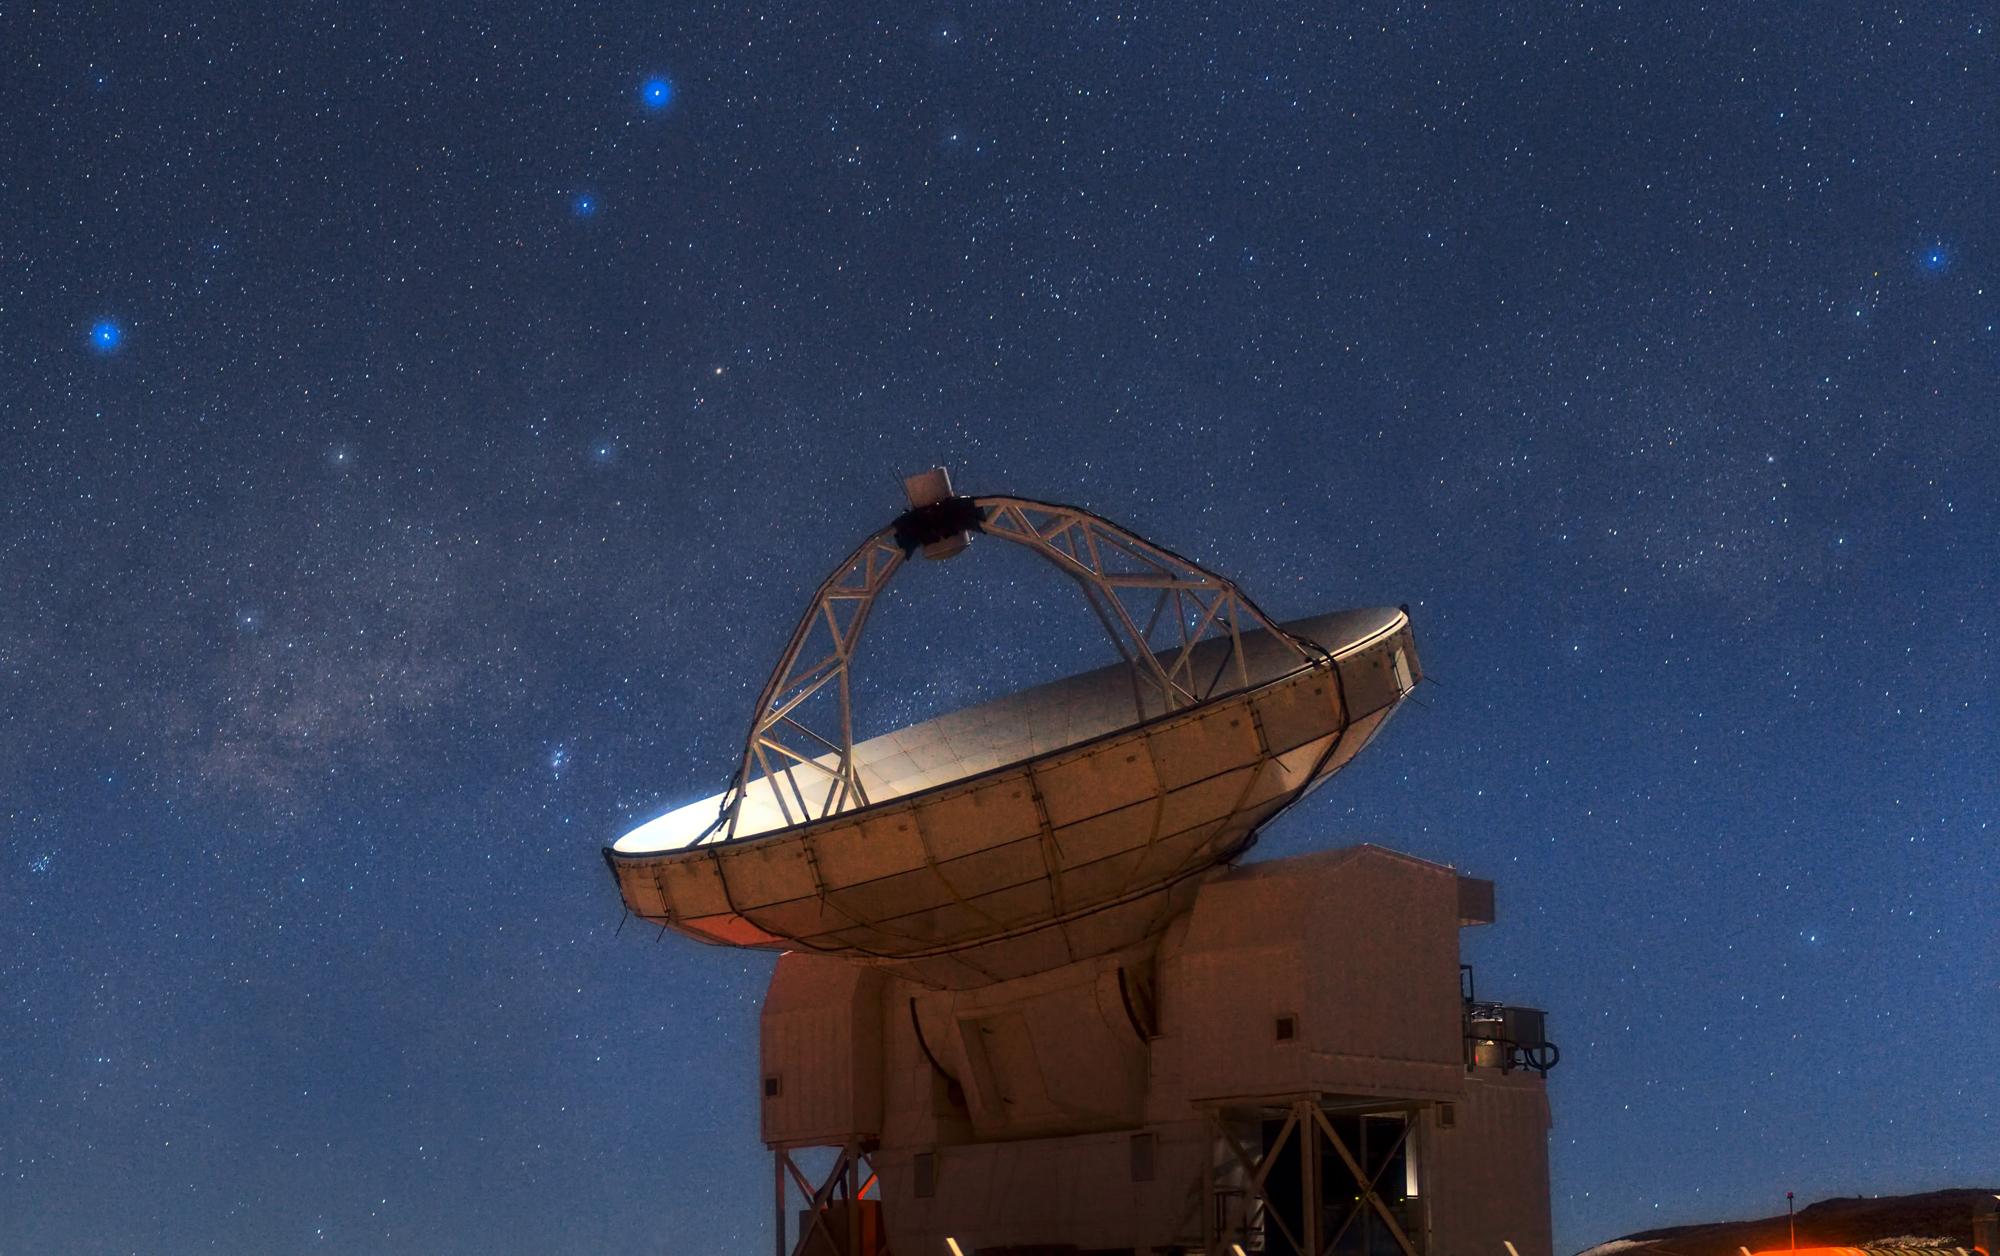 APEX Telescope Los físicos todavía están investigando la relatividad general de Einstein para detectar defectos, ahora en escalas cósmicas